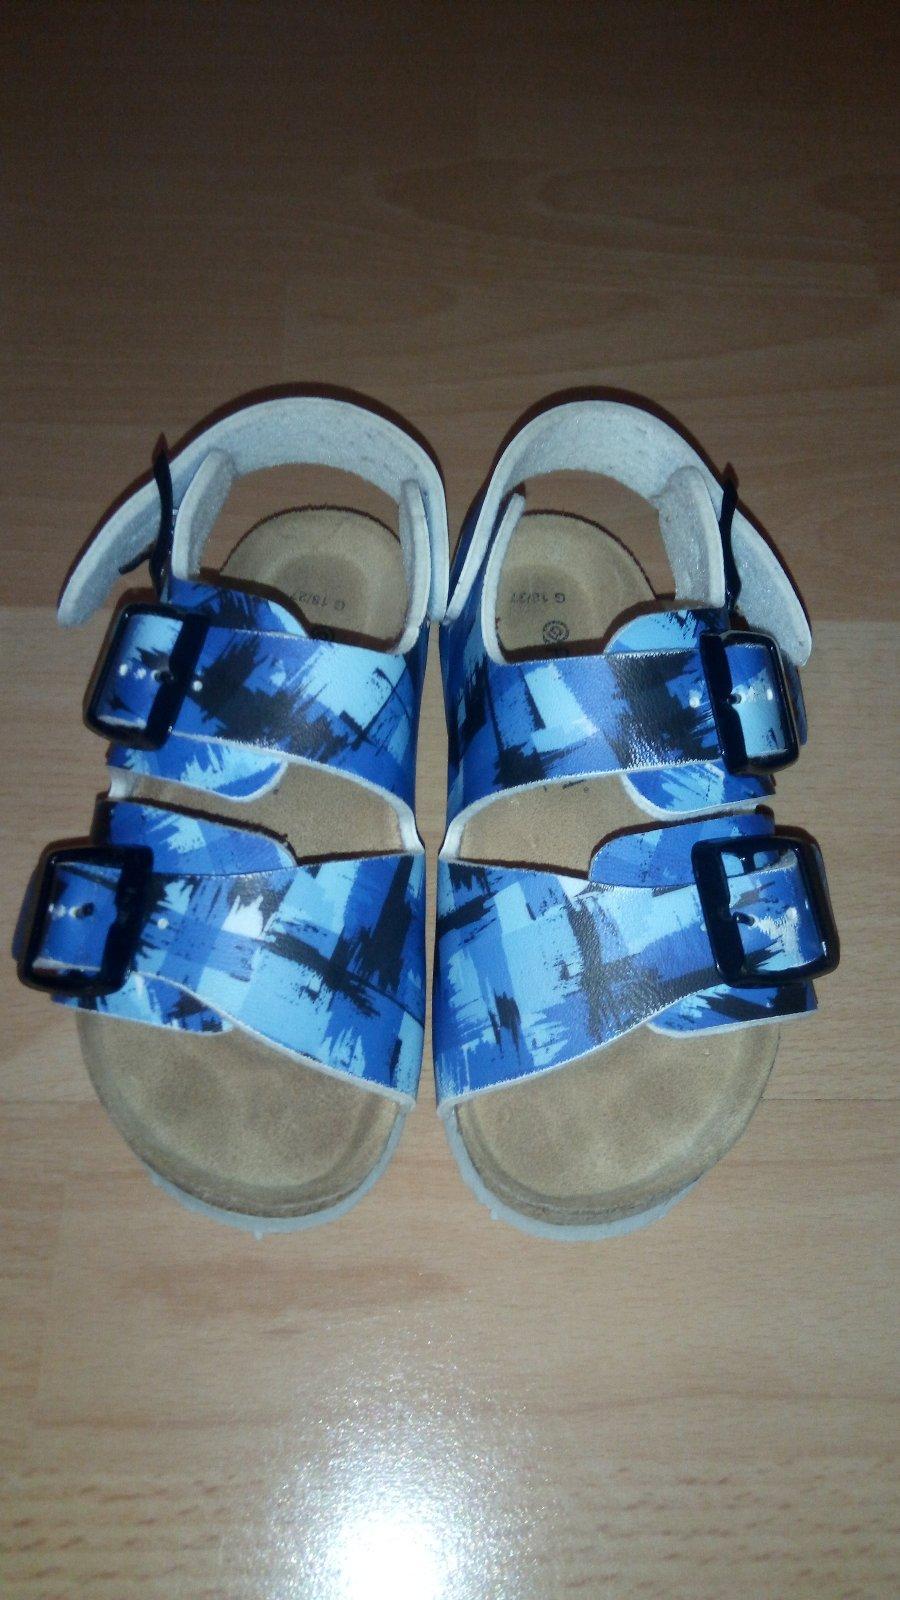 bcc14f61932f1 Protetika sandálky, prezúvky, protetika,27 - 4 € od predávajúcej denisa2312  | Detský bazár | ModryKonik.sk